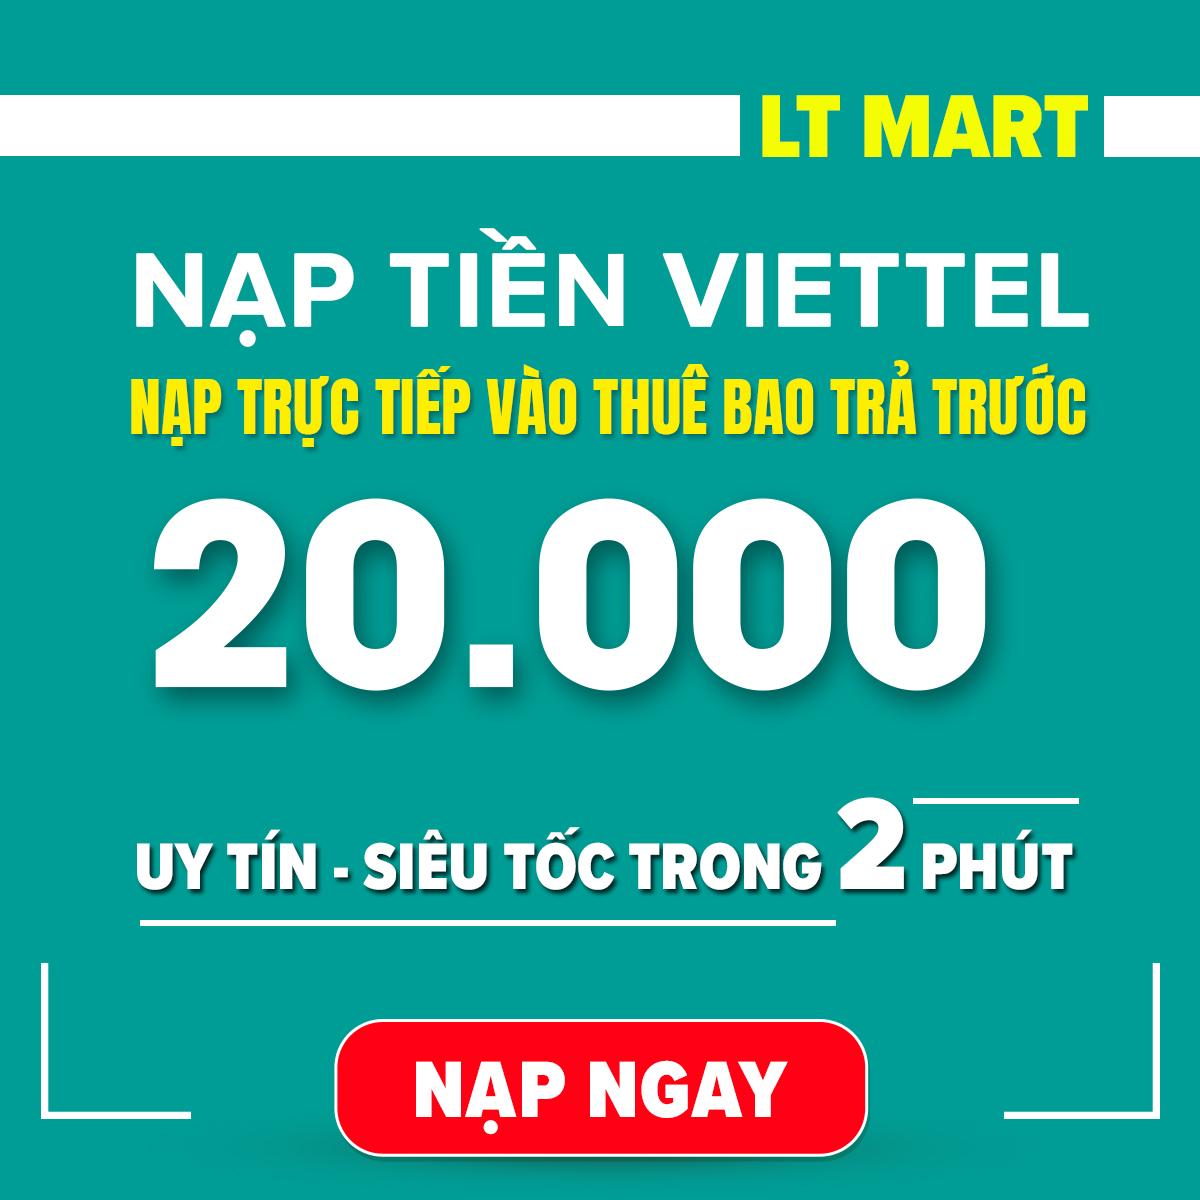 Nạp tiền Viettel 20.000 (Nạp tiền trực tiếp vào thuê bao trả trước của Viettel) nạp tiền điện thoại LTmart - Uy tín, thao tác nhanh chóng.[Viettel][20000]